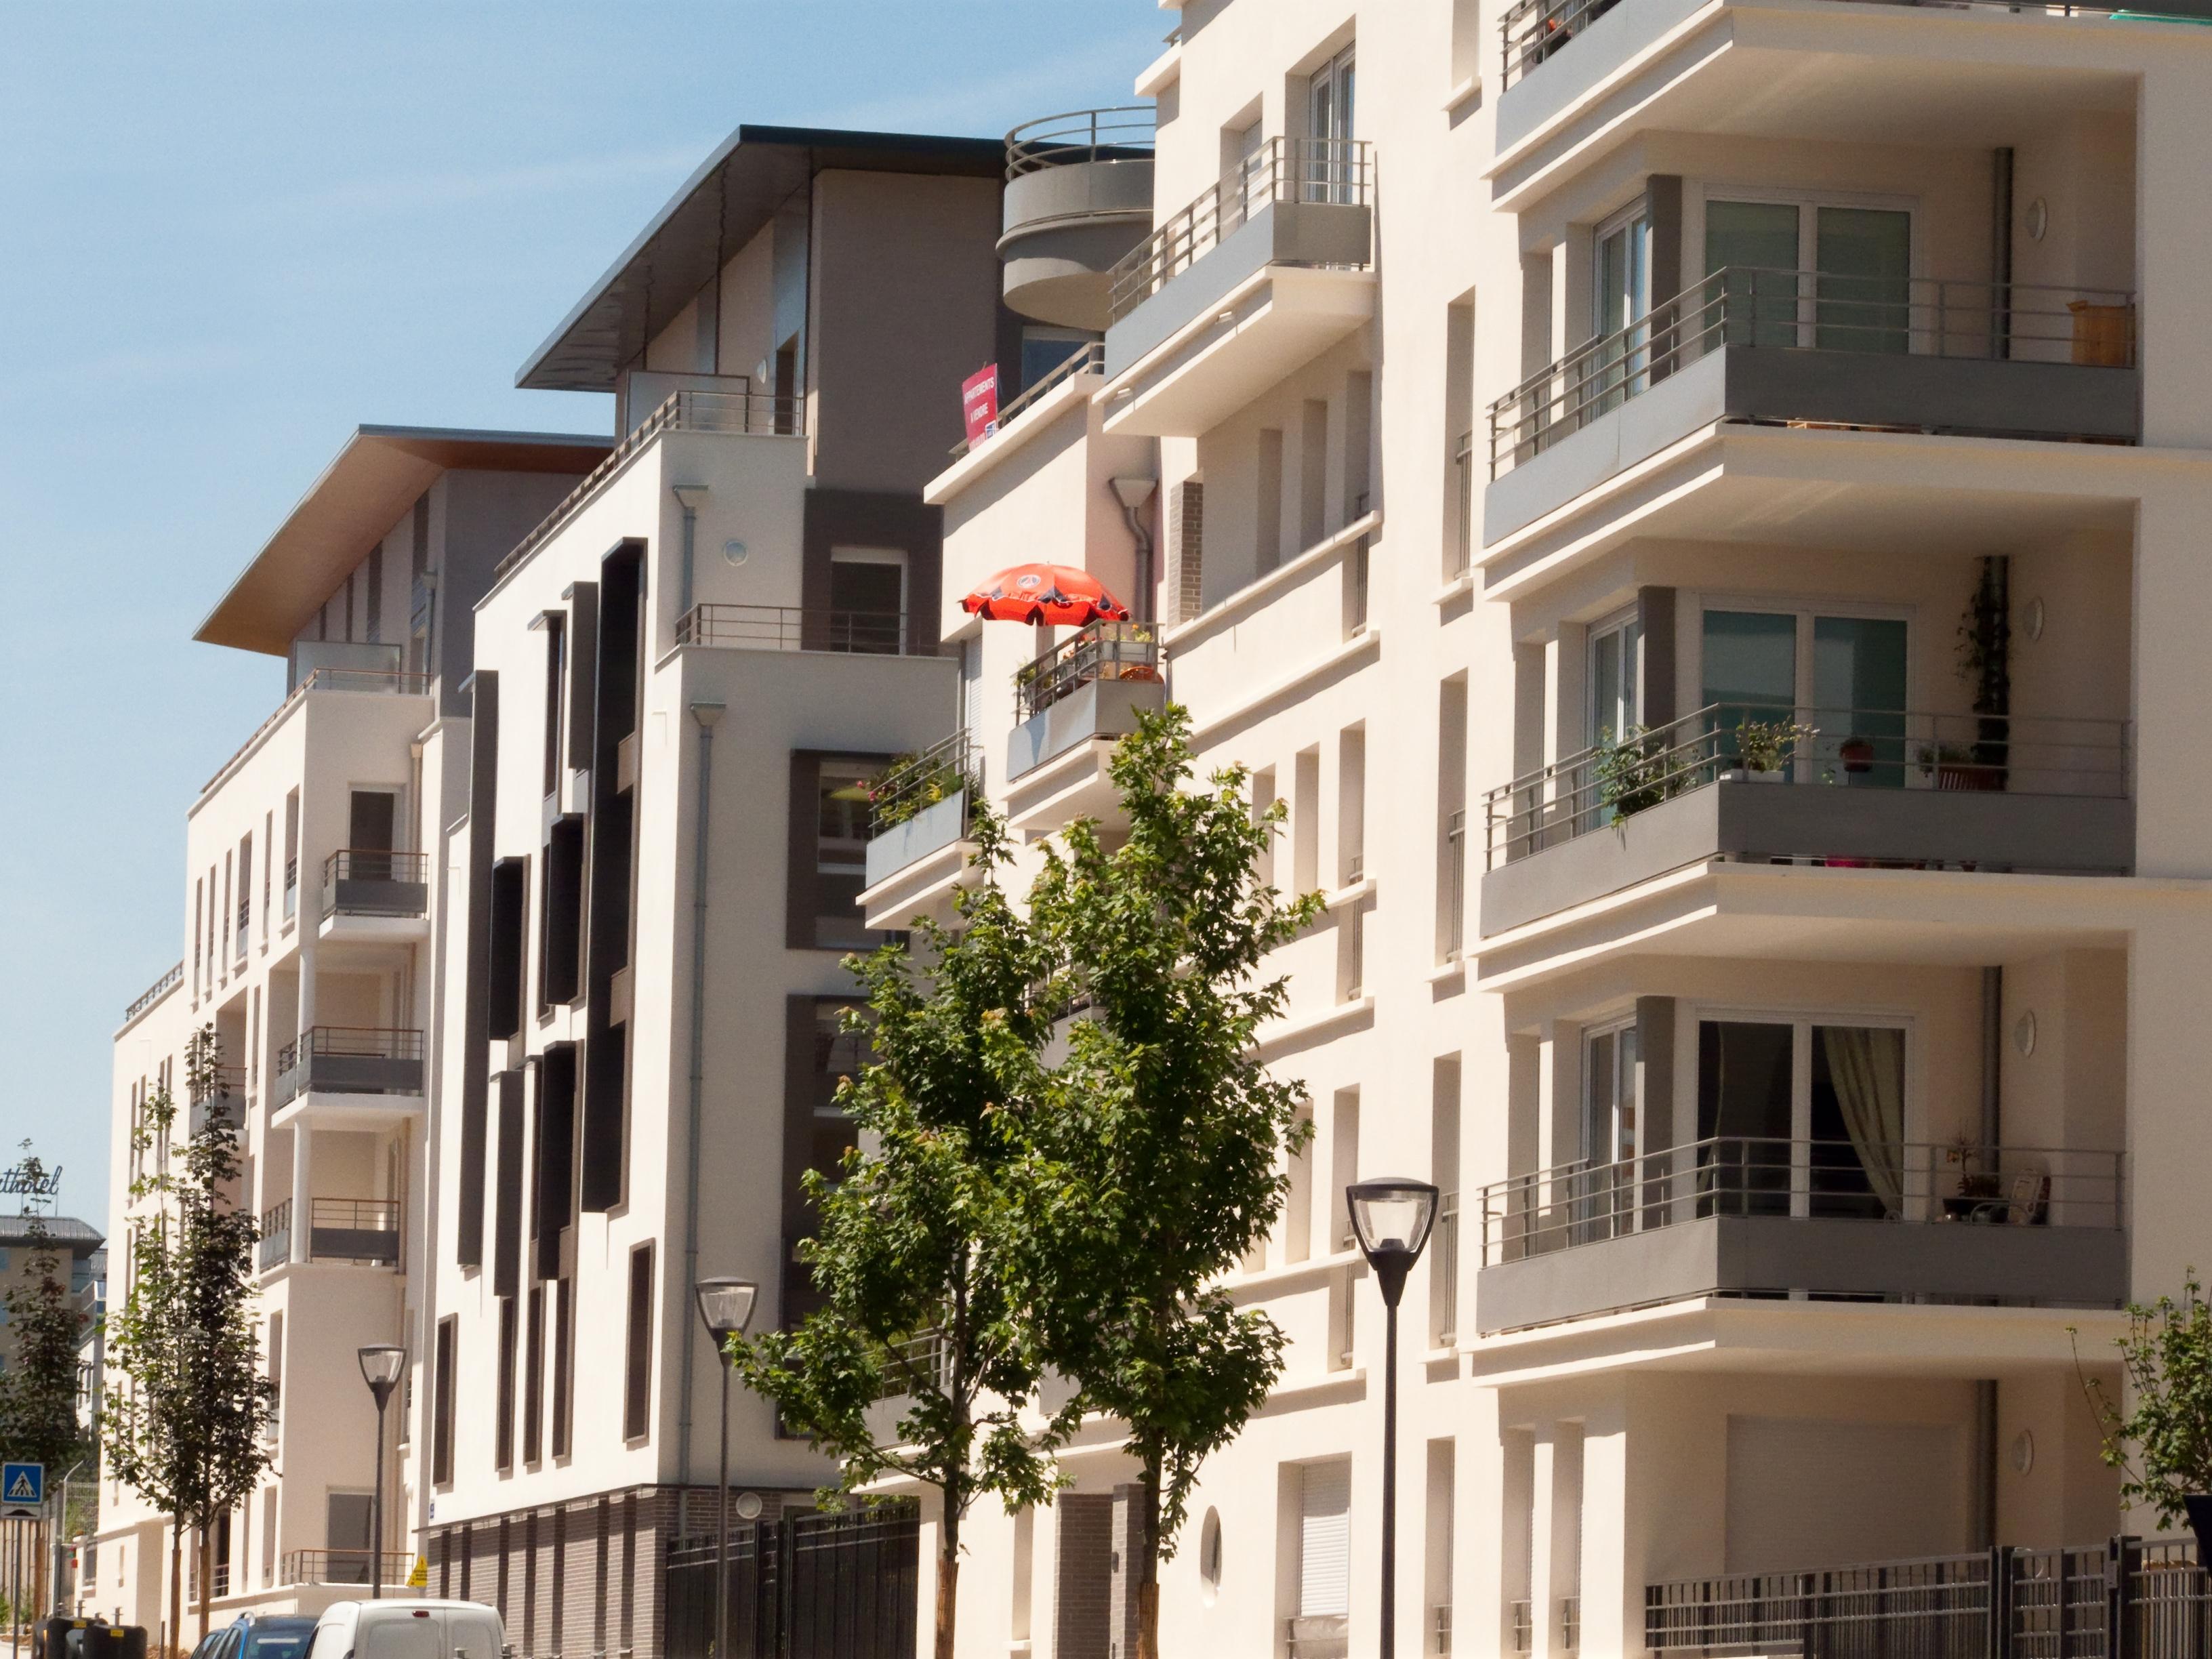 Baisses des ventes de logements neufs